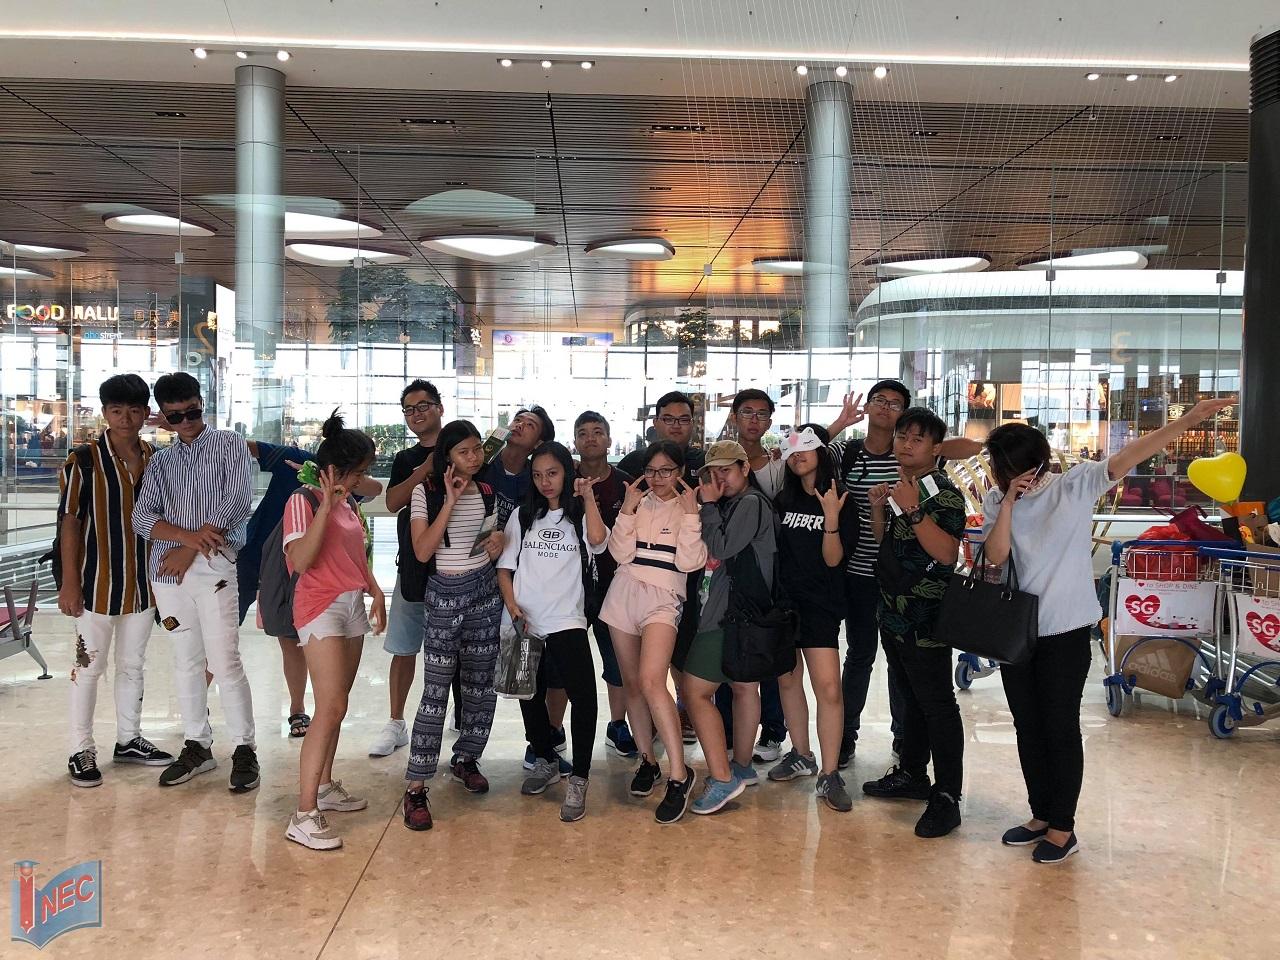 Hoàng Nam và các bạn tại sân bay Changi Singapore trước khi lên đường về nước